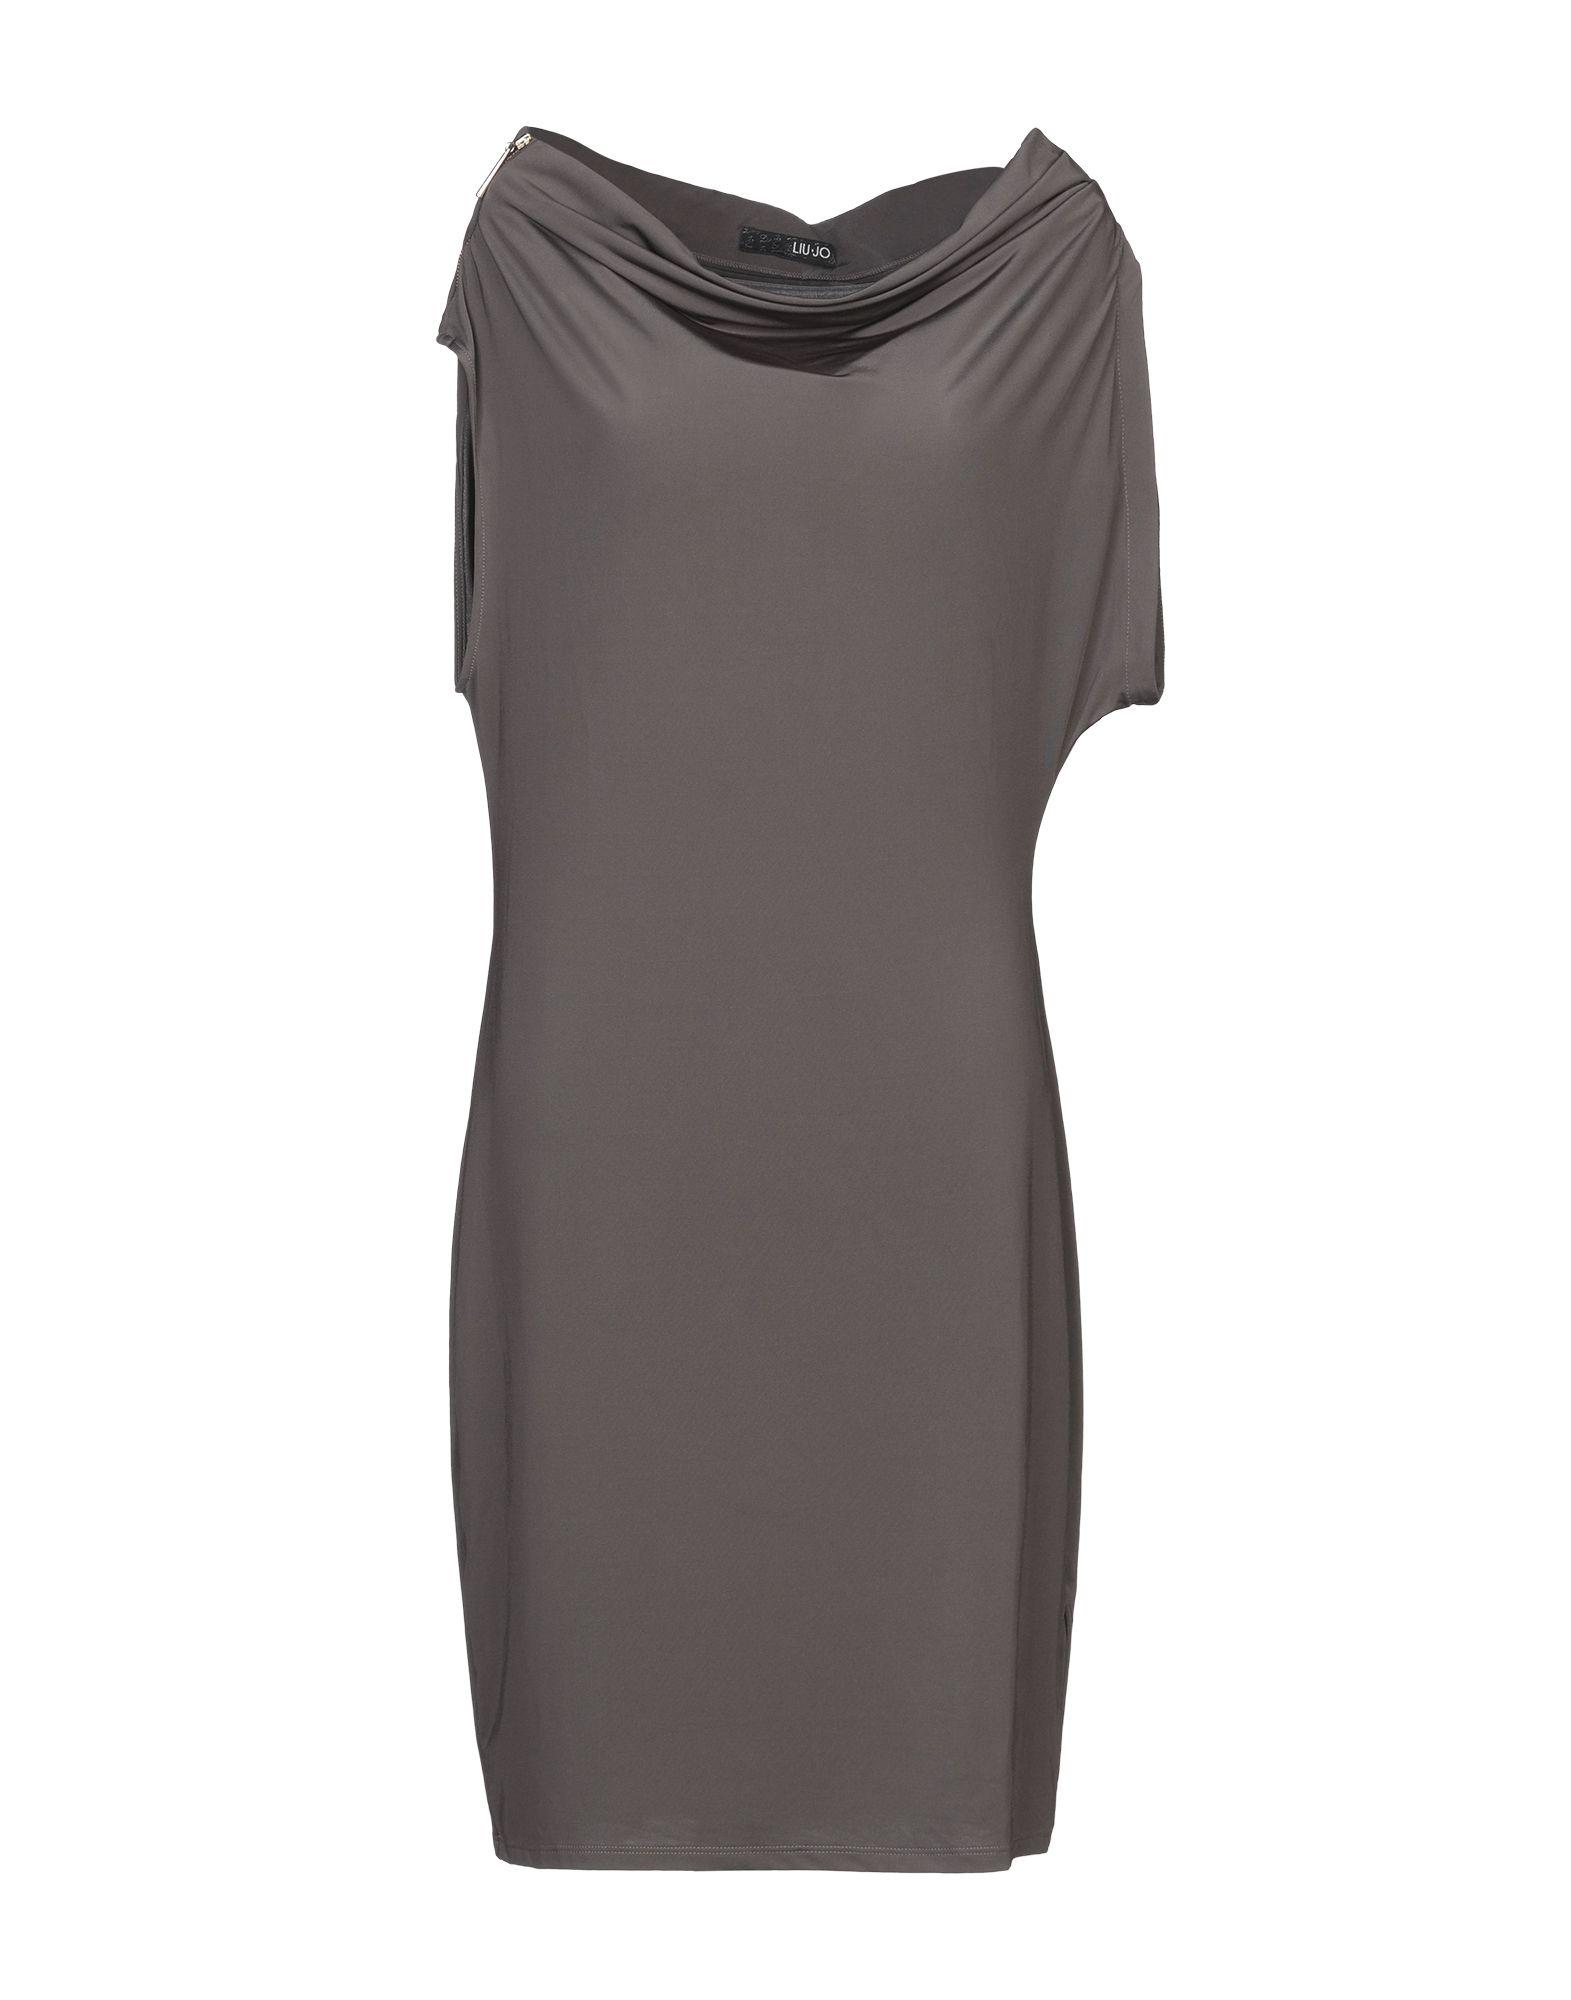 LIU •JO Короткое платье платье короткое с графическим рисунком без рукавов